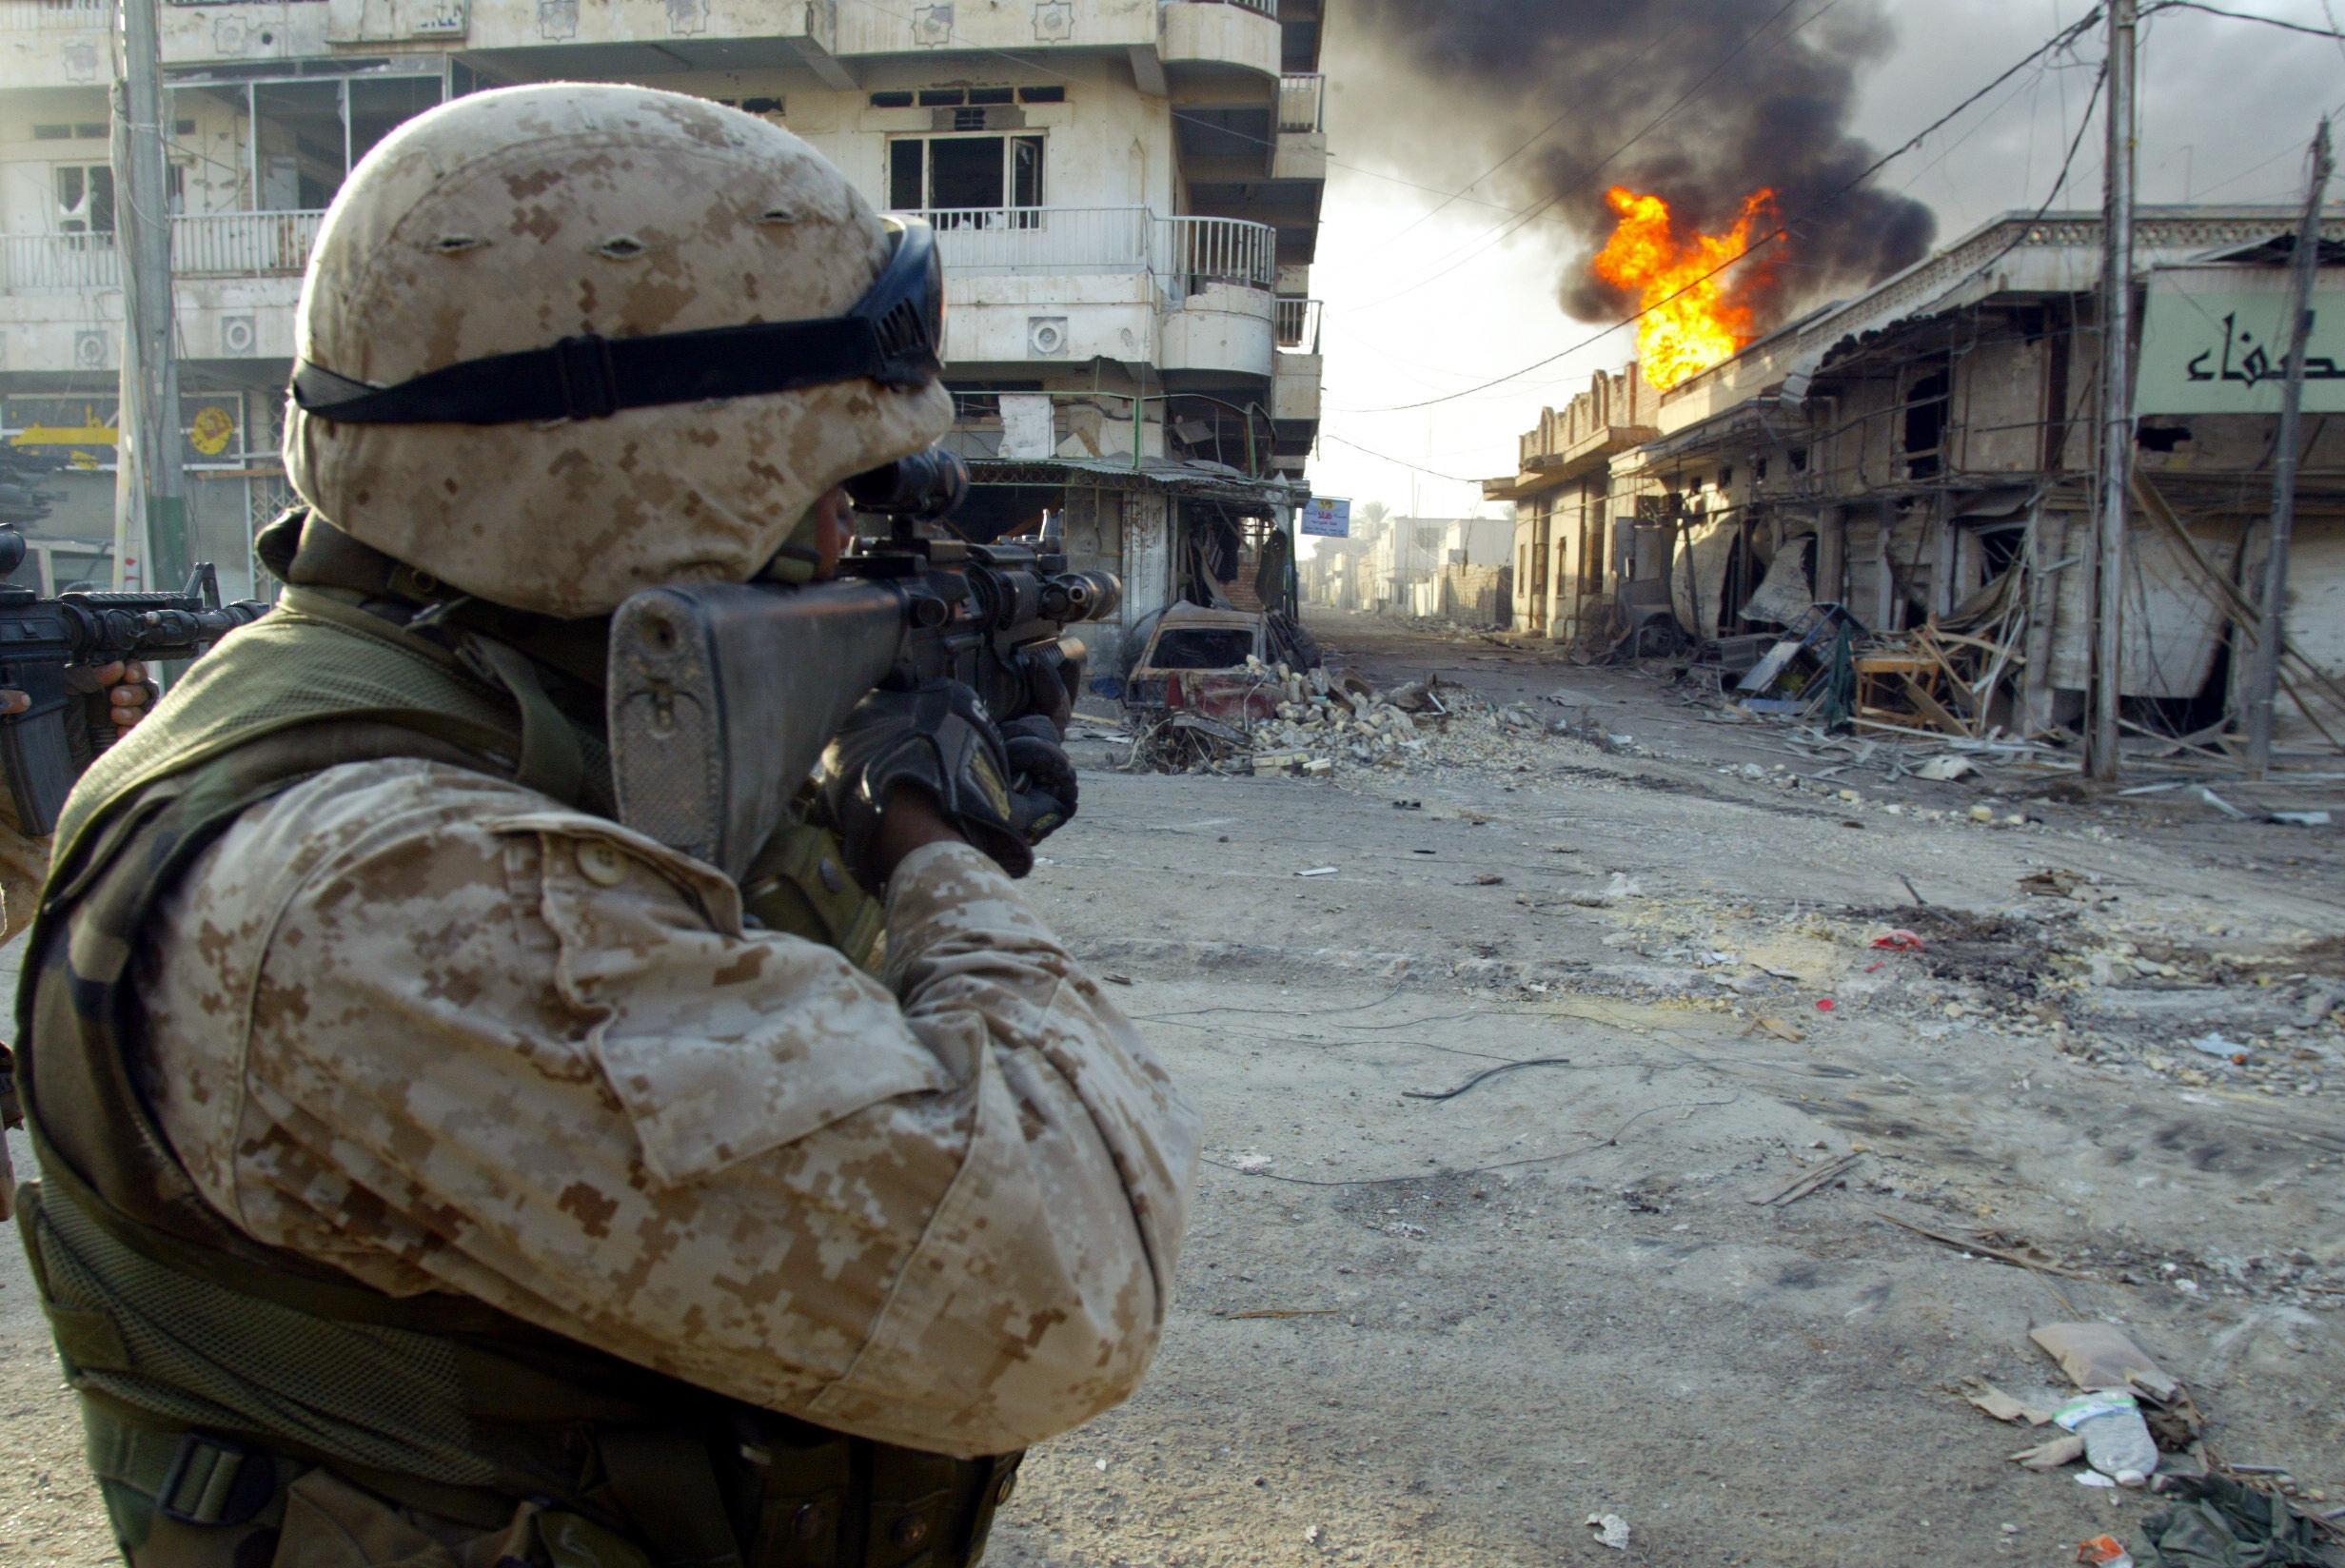 A U.S. Marine in Fallujah in November 2004.